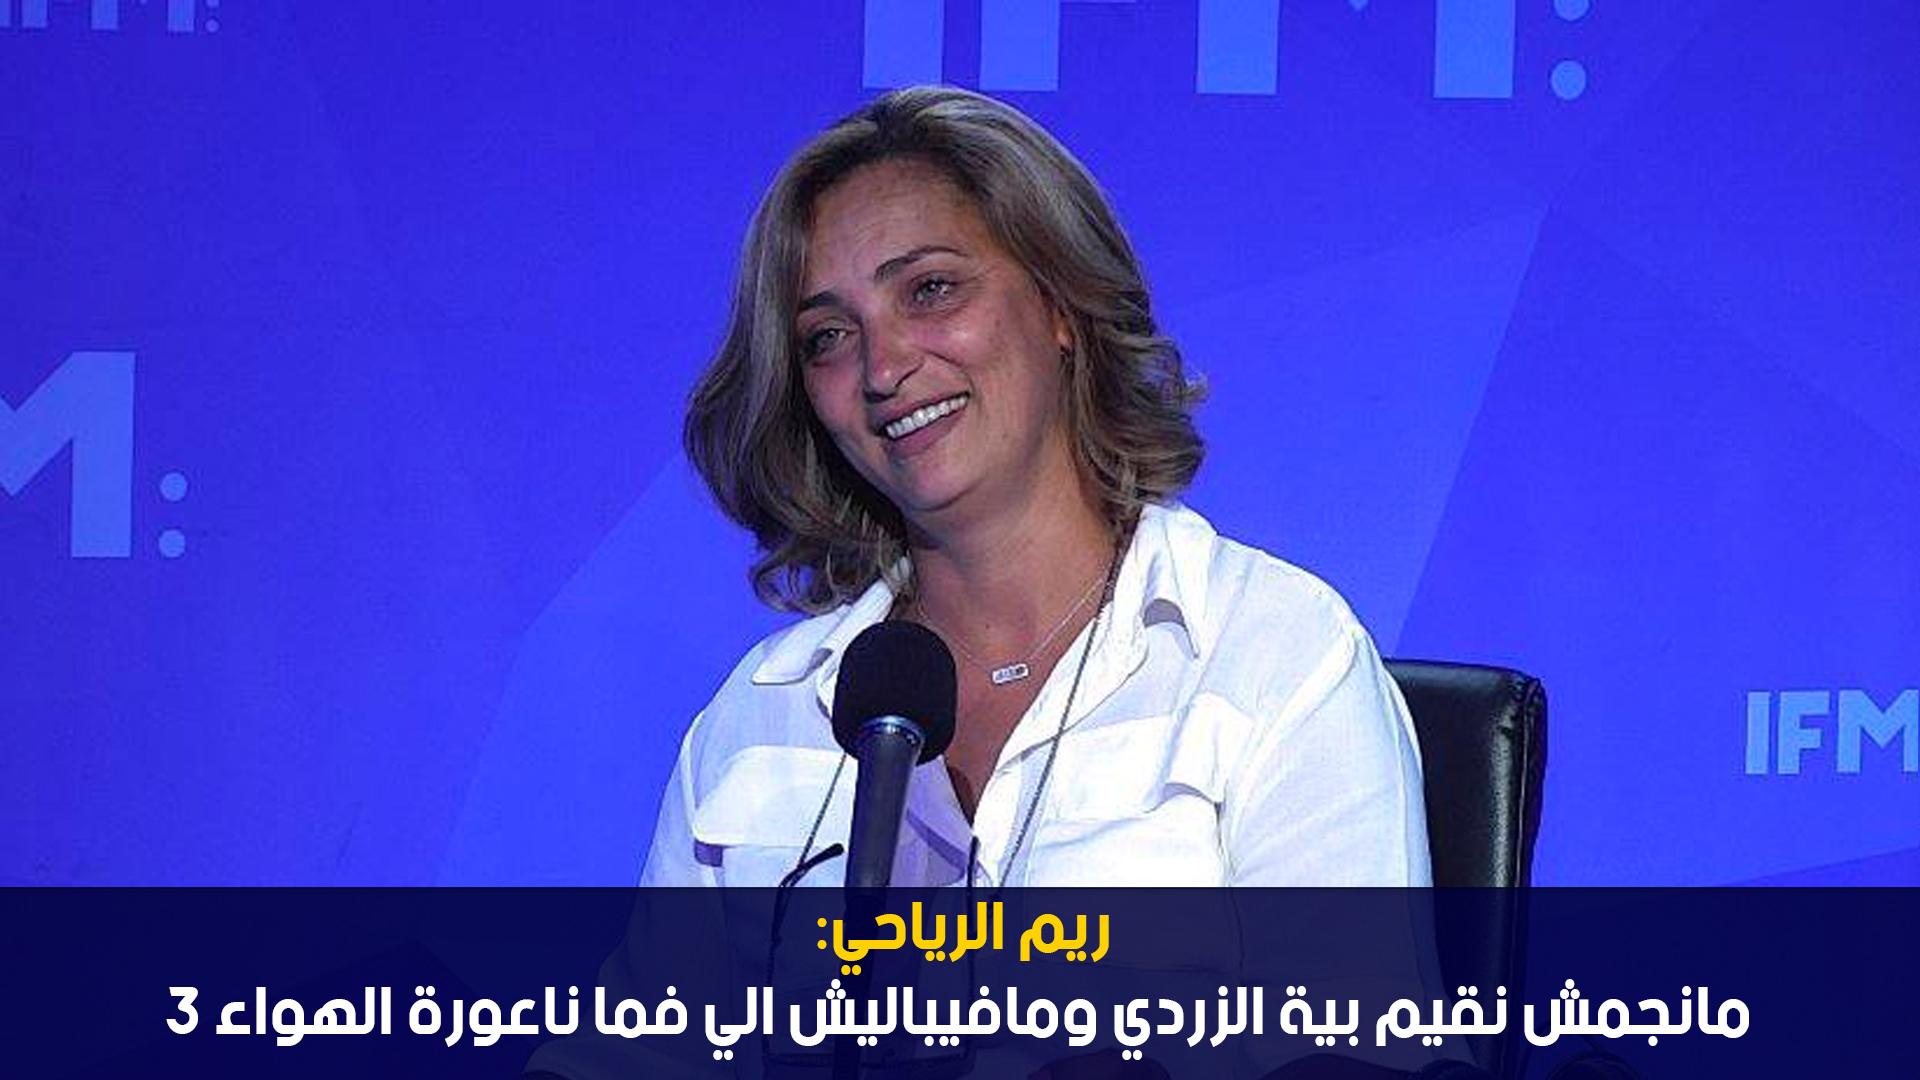 ريم الرياحي: مانجمش نقيم بية الزردي ومافيباليش الي فما ناعورة الهواء 3